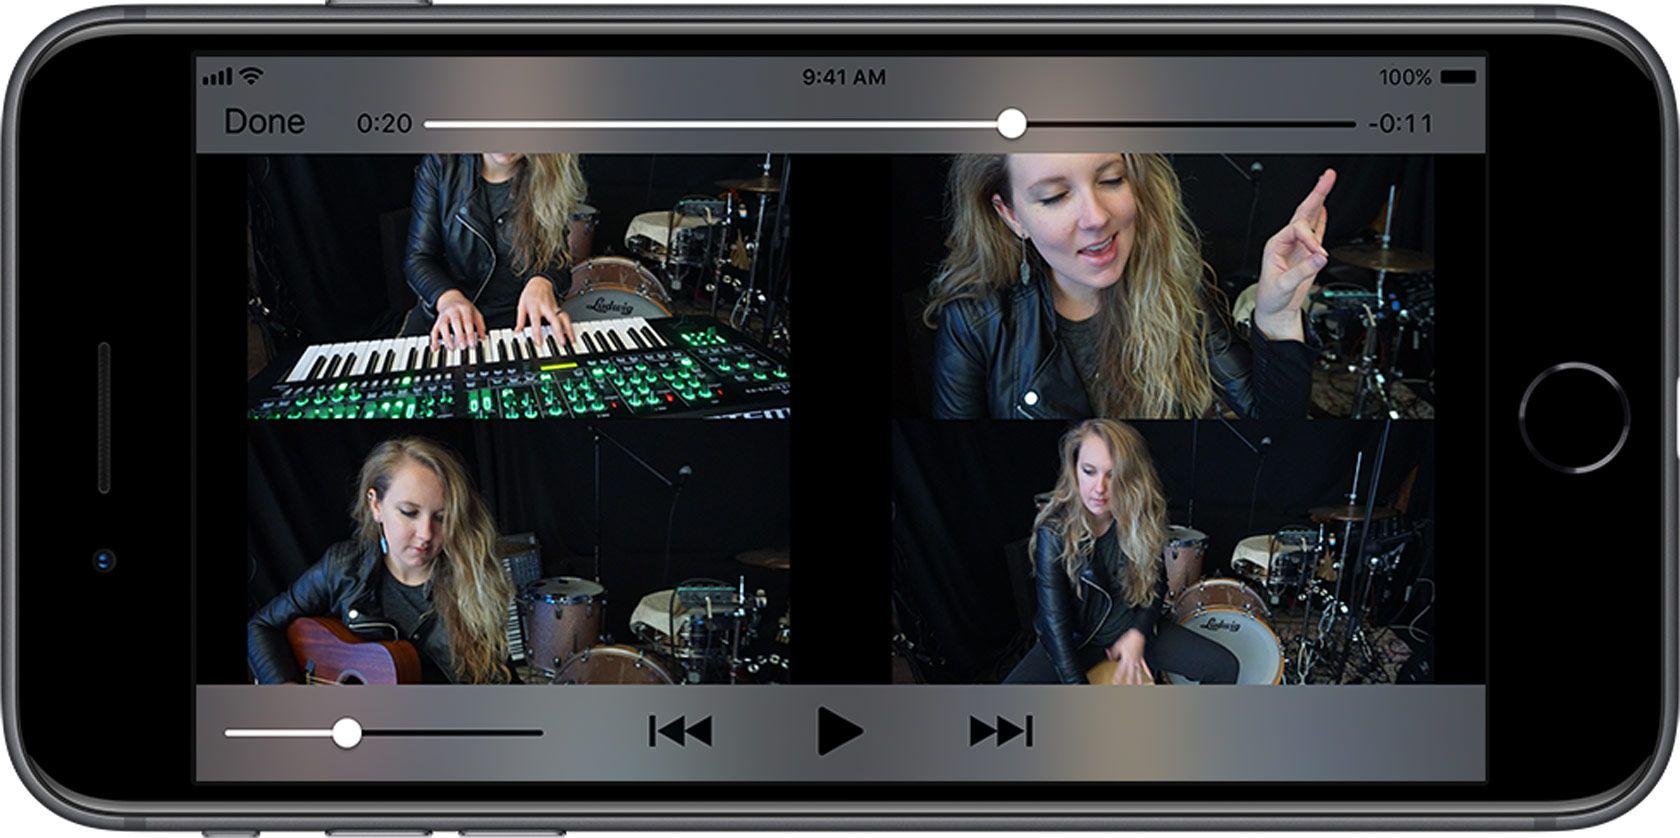 4XCAMERA é noivdade da Roland para criação de conteúdo audiovisual